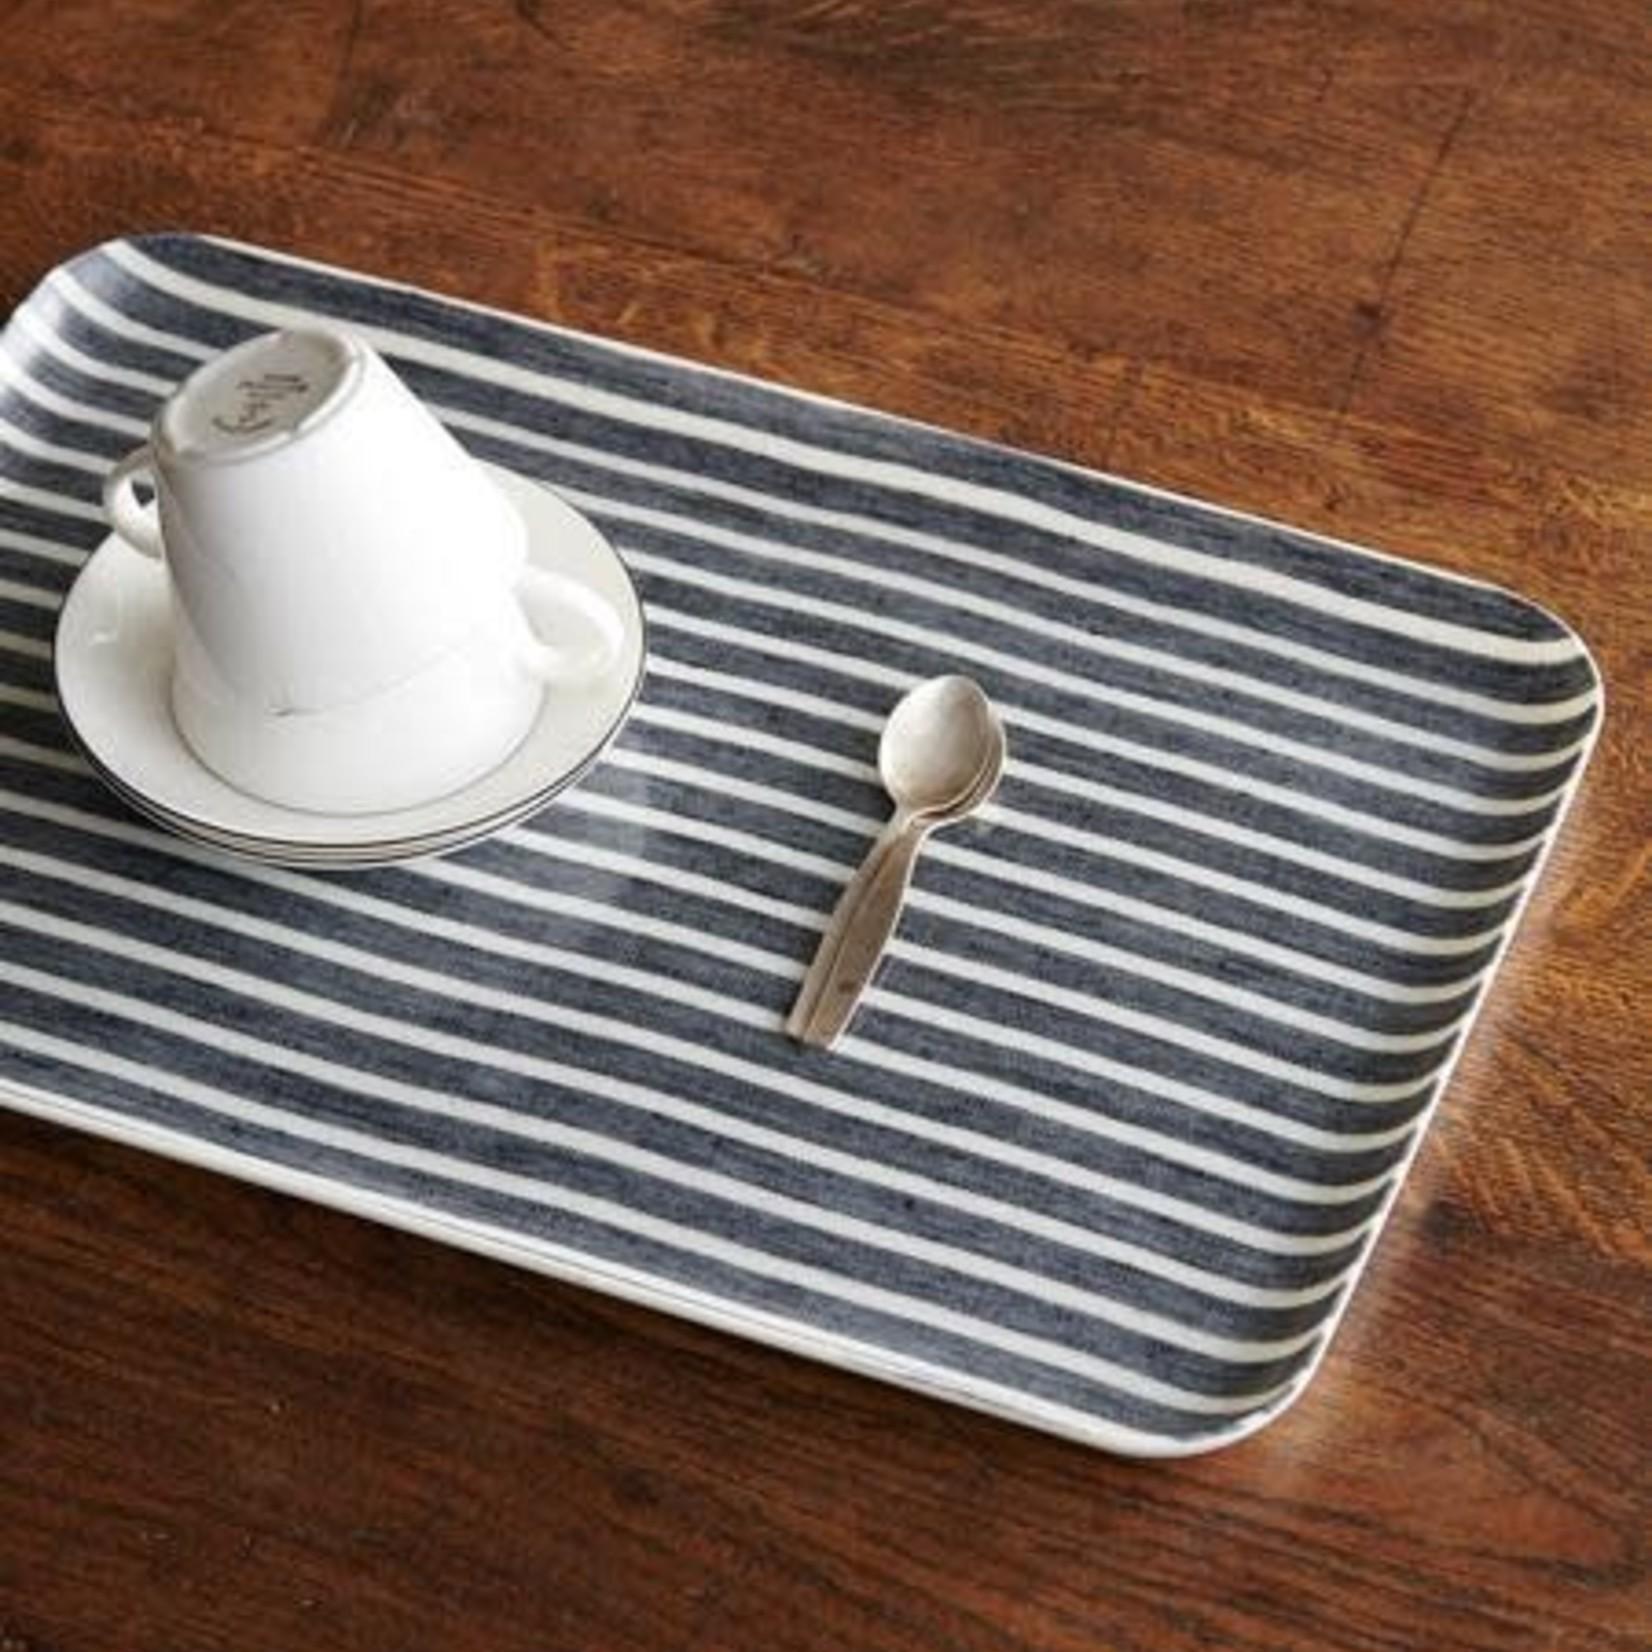 Fog Linen Fog Linen Linen Coated Tray Large Jack